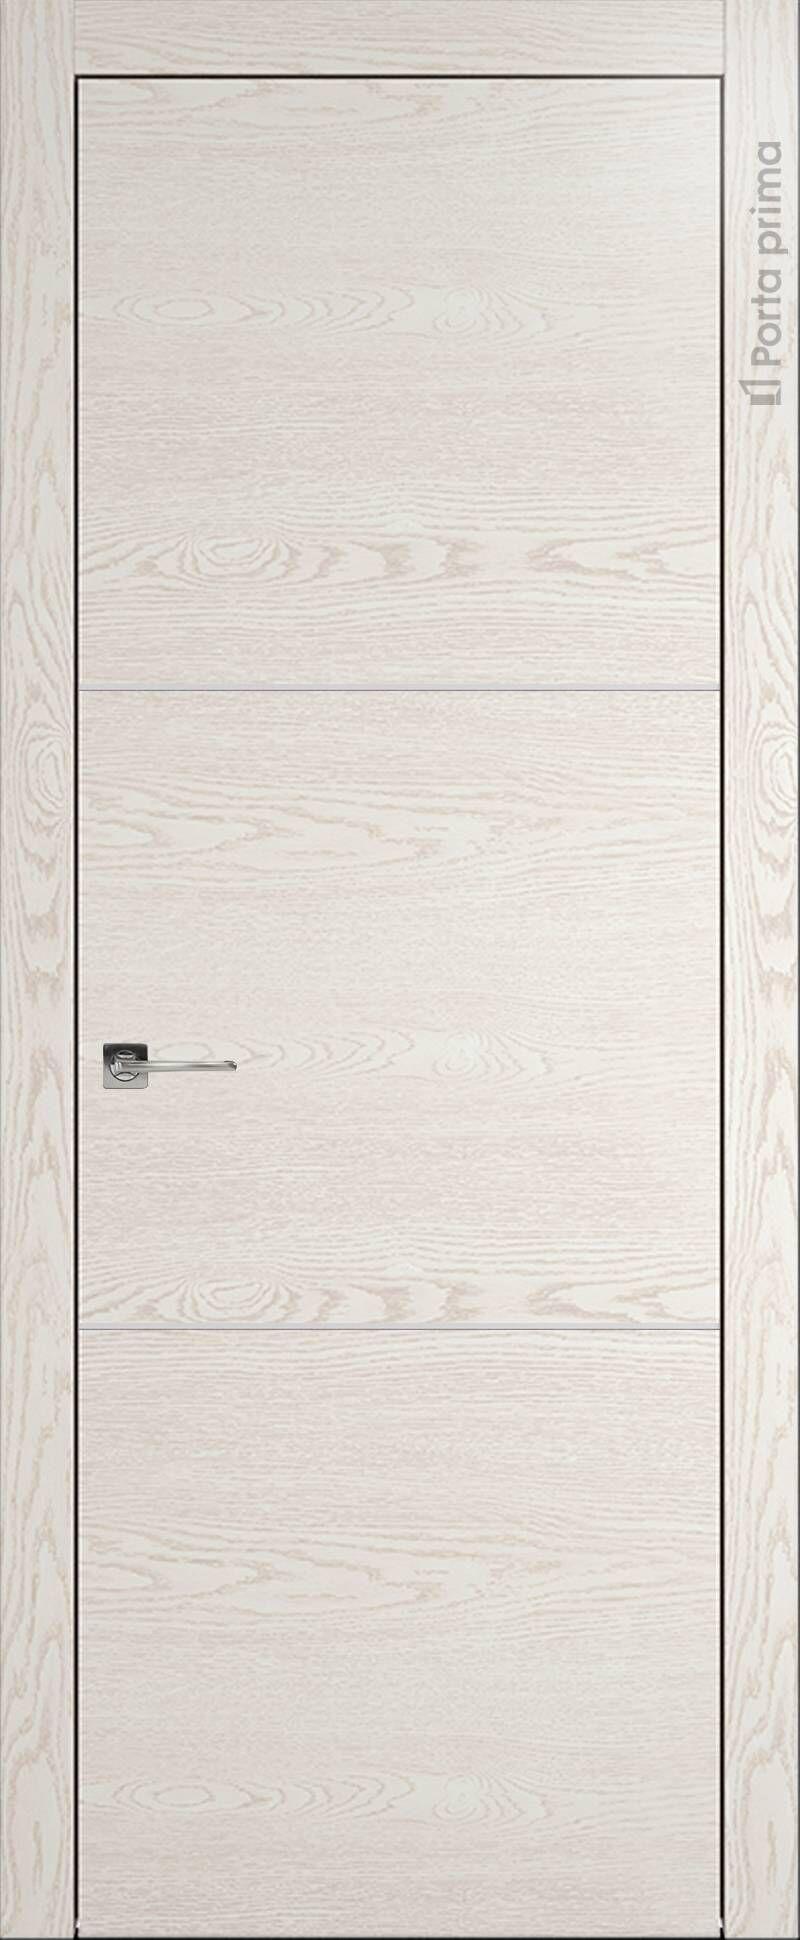 Tivoli В-3 цвет - Белый ясень (nano-flex) Без стекла (ДГ)